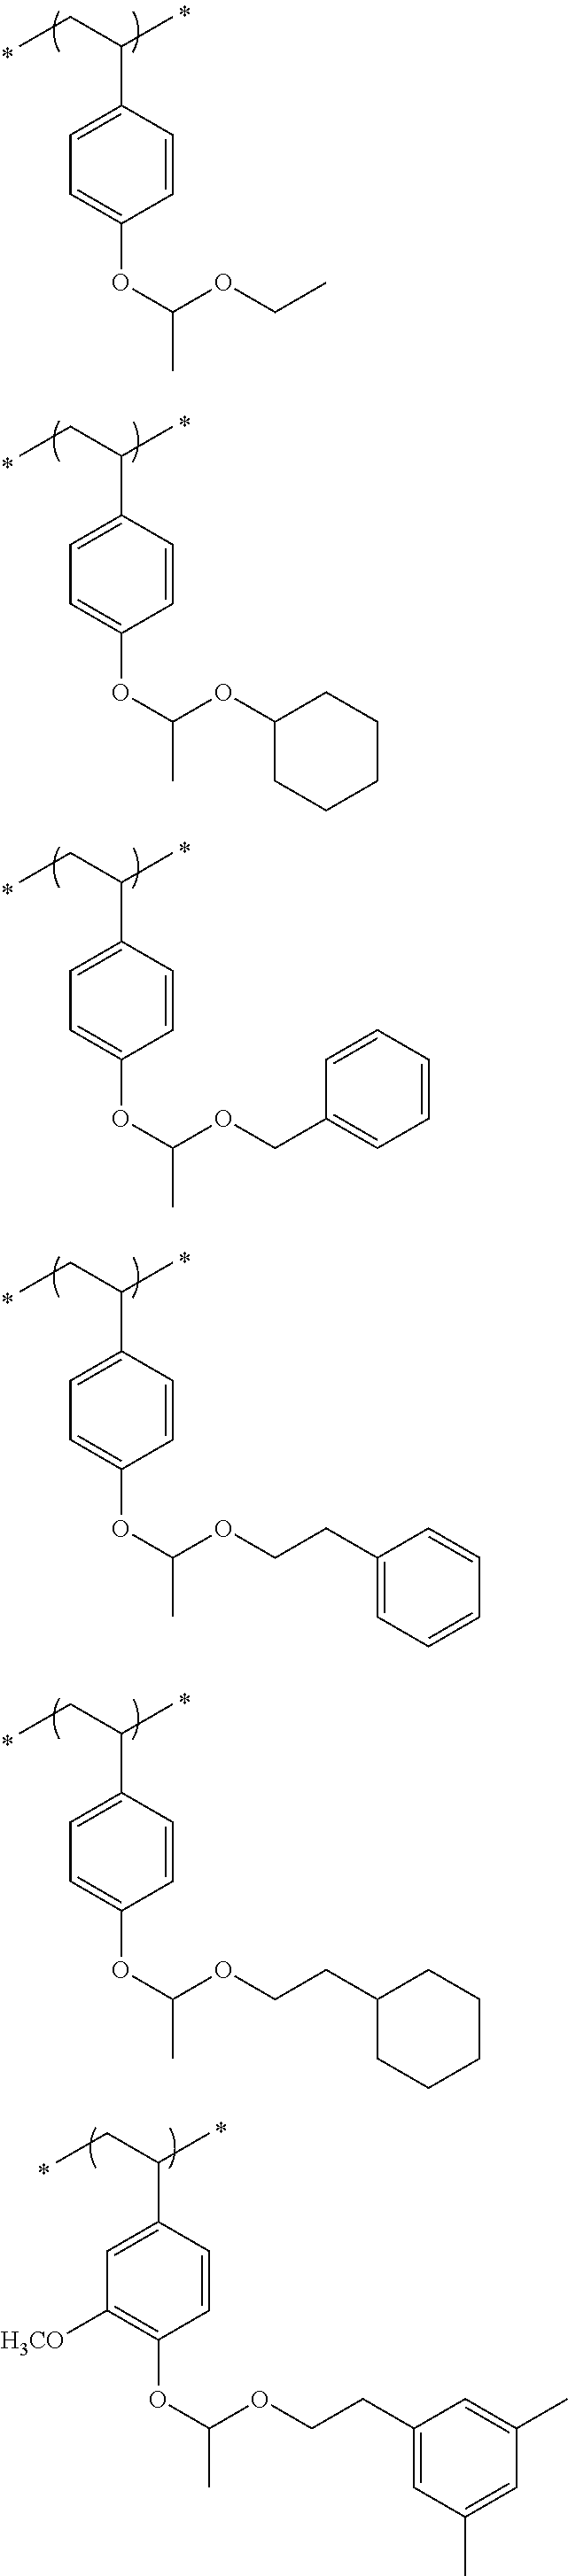 Figure US20110183258A1-20110728-C00062